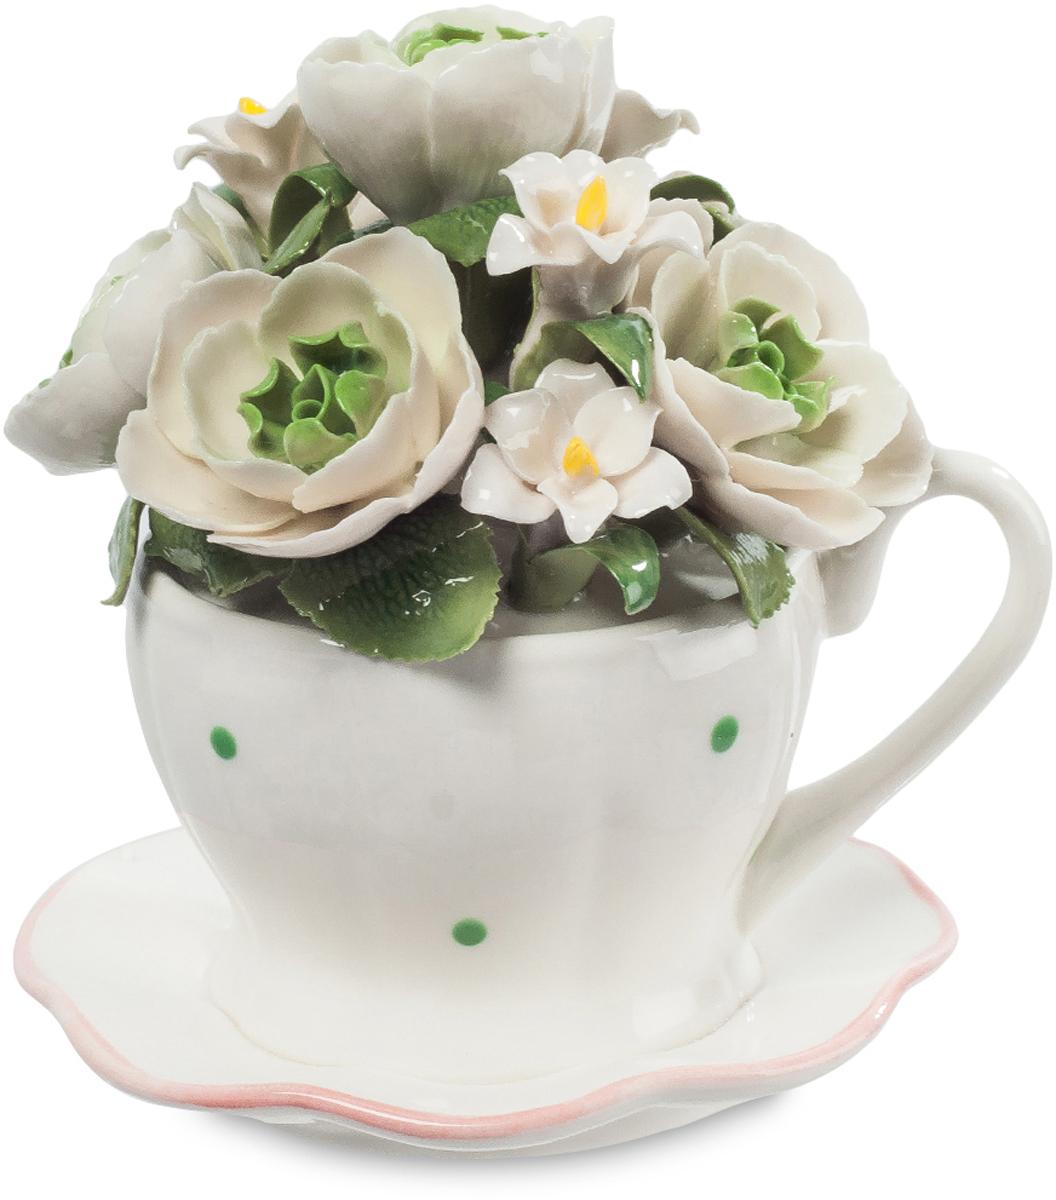 Музыкальная композиция Pavone Чашка с цветами. CMS-33/7112723Музыкальная композиция Чашка с цветами (Pavone)Почему считается, что цветы в вазе должны быть на длинных ножках? Мода такая, что ли? Да, это красиво, но не значит, что коротко срезанные цветы на маленьких стебельках не могут быть украшением праздничного стола. Вот эти ослепительно белые цветы поставили в обычную чашку для чая, она тоже белая, и редкие зеленые точечки перекликаются с зеленью листьев. Вот так, буквально из подручных средств, можно создать композицию изумительной красоты. Поставьте ее на стол, накрытый для праздничного обеда, и она всем поднимет настроение, напомнив о поре буйного цветения.